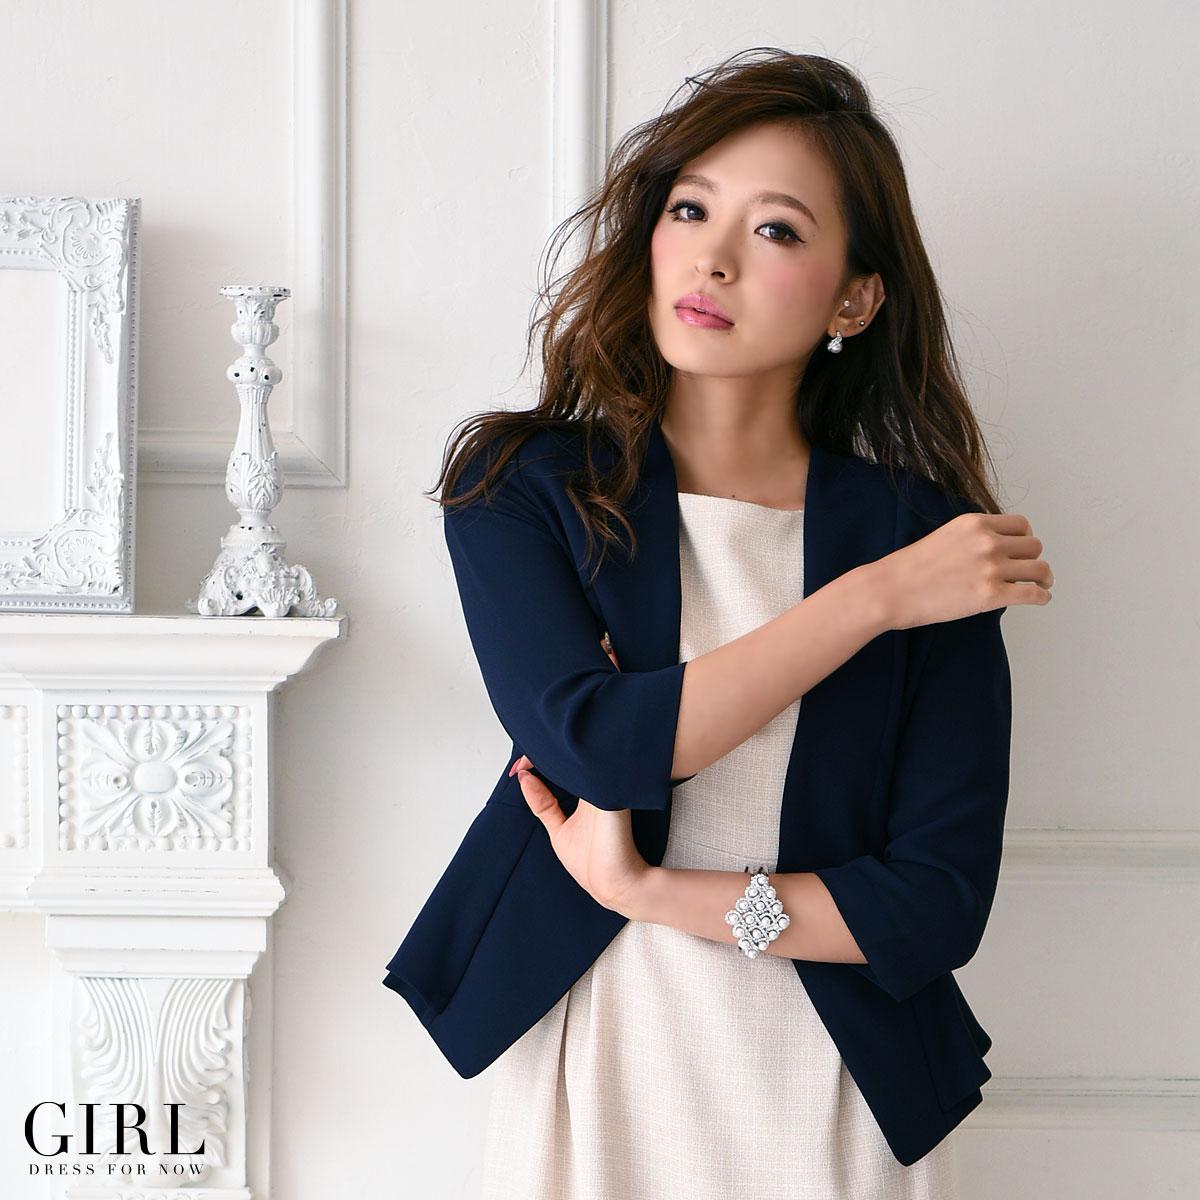 Dress shop GIRL